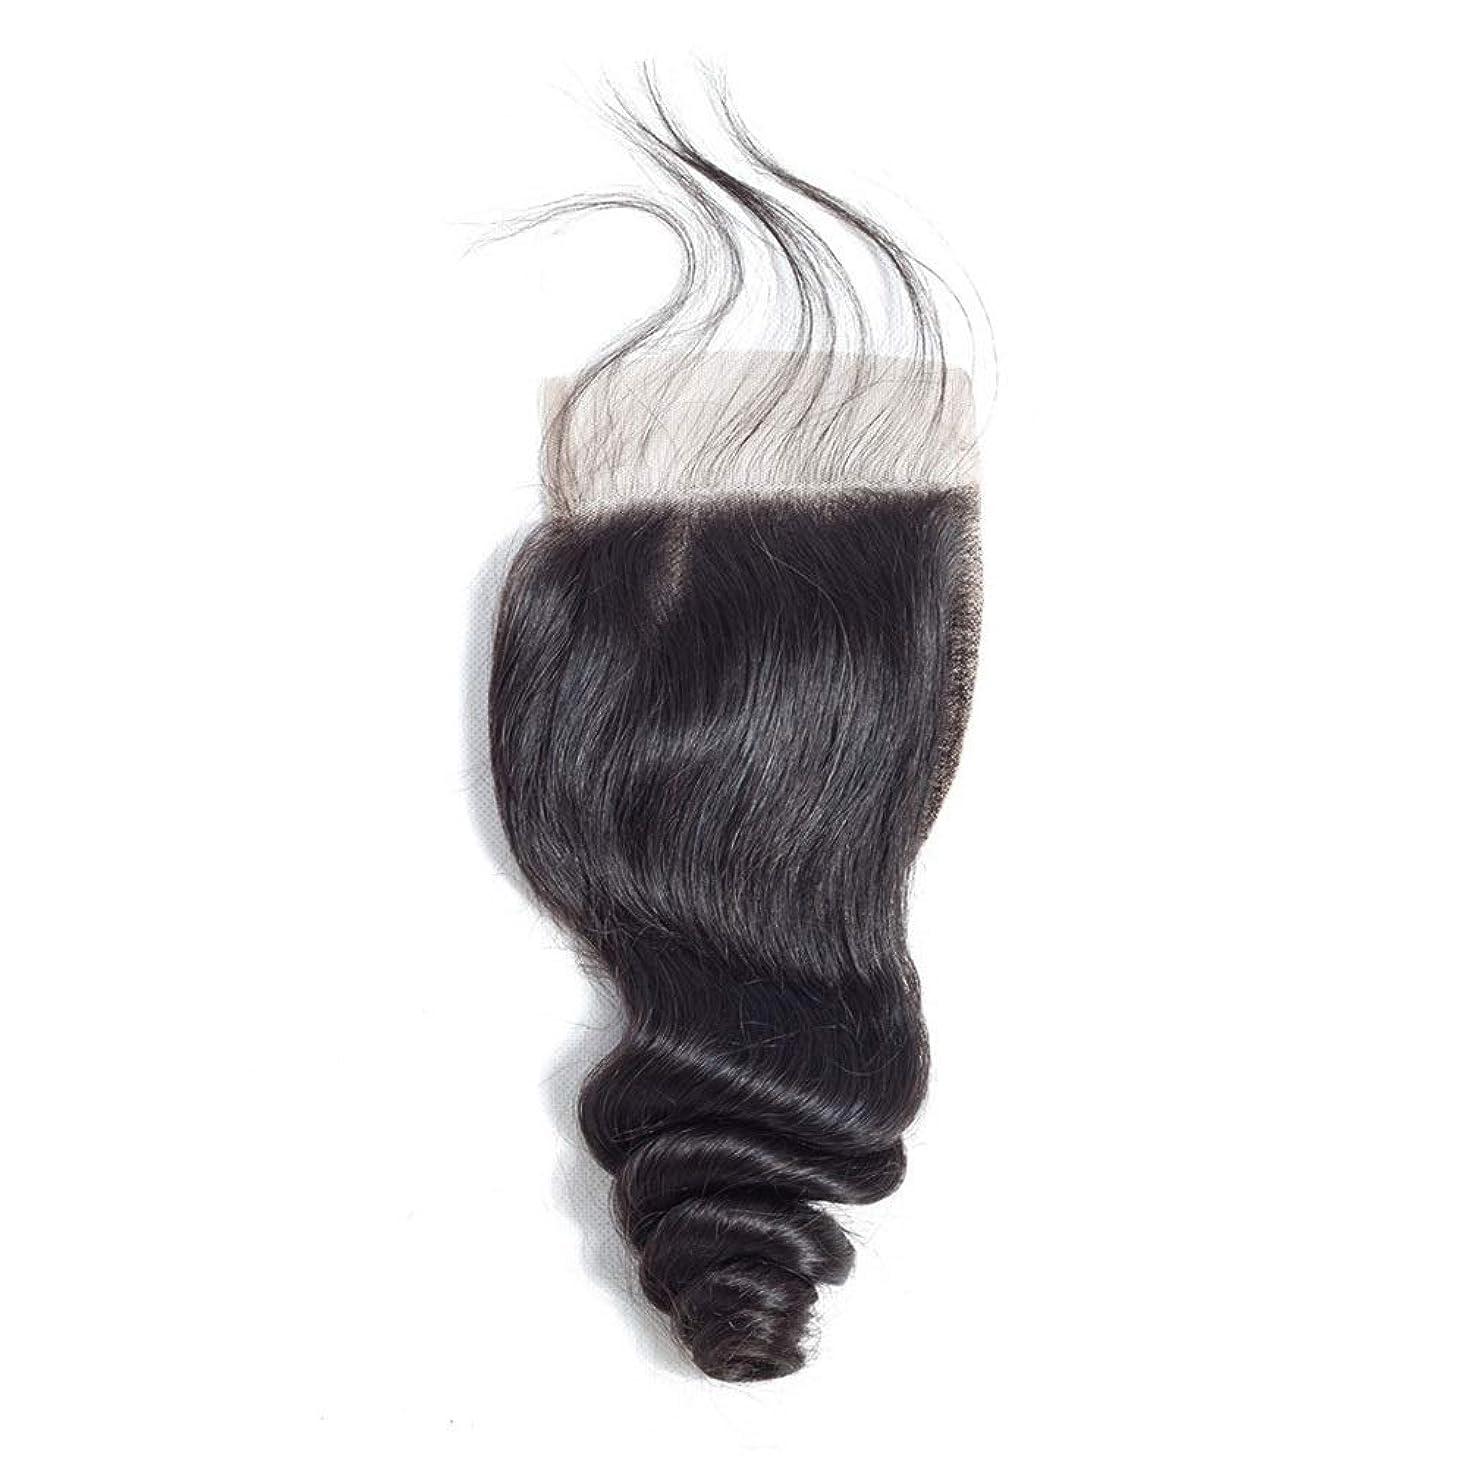 短命マークされた民主党HOHYLLYA レースの閉鎖ブラジルの緩い波の髪4×4インチの自由な部分の閉鎖リアル人間の髪の毛の自然な色の長い巻き毛のかつら (色 : 黒, サイズ : 20 inch)